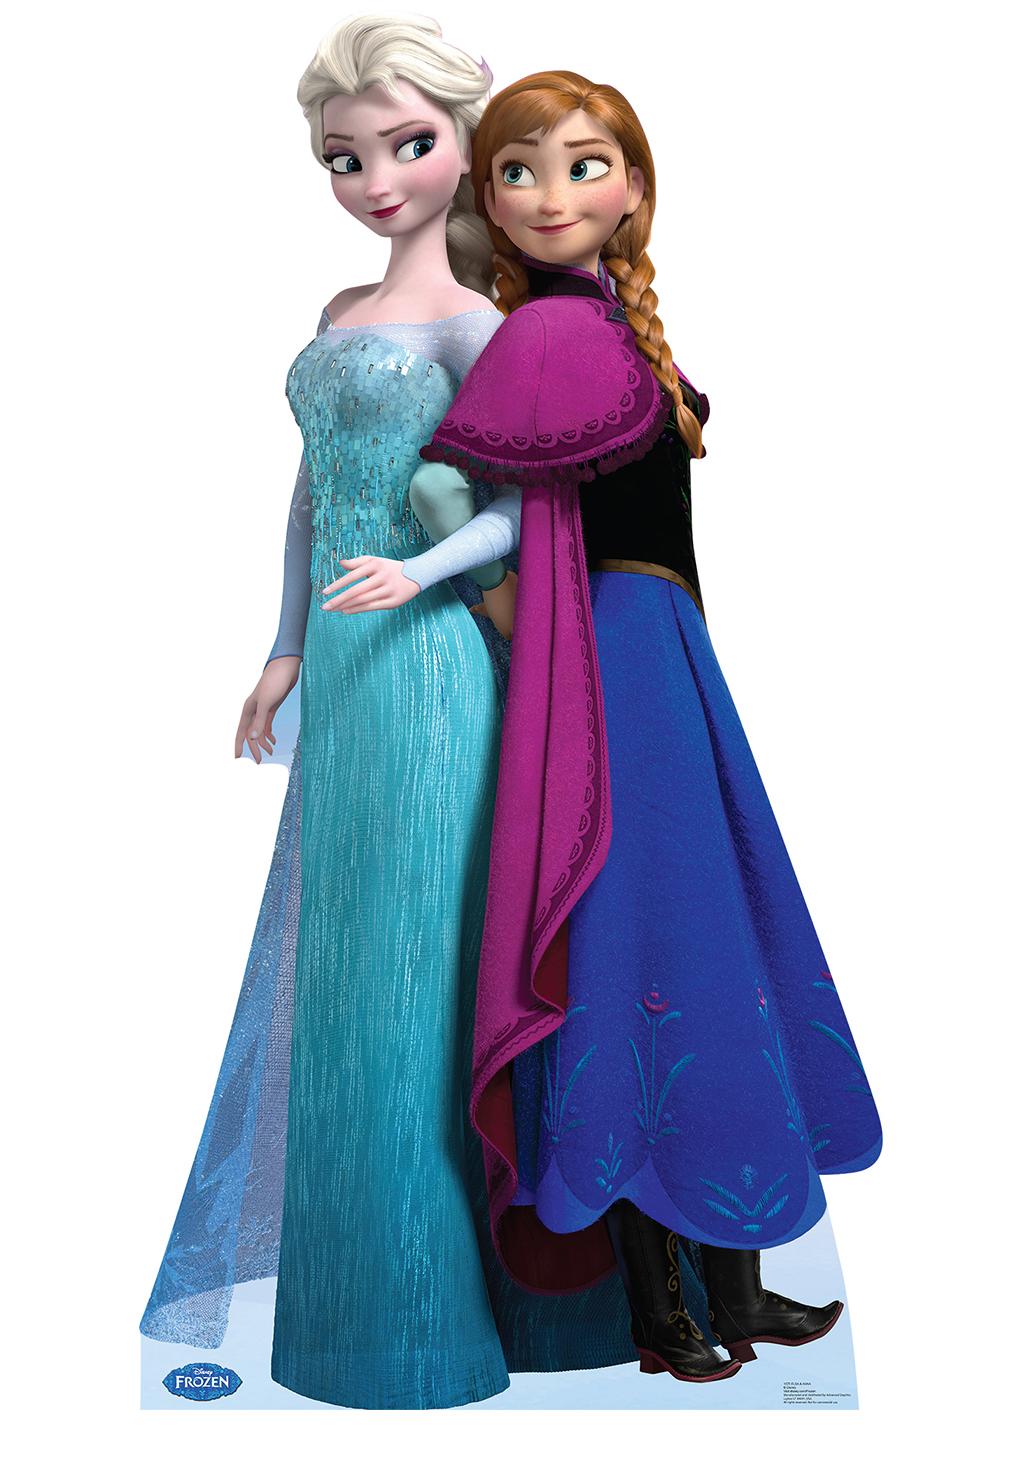 Anna Elsa, Frozen, Anna Elsa Frozen, Disney